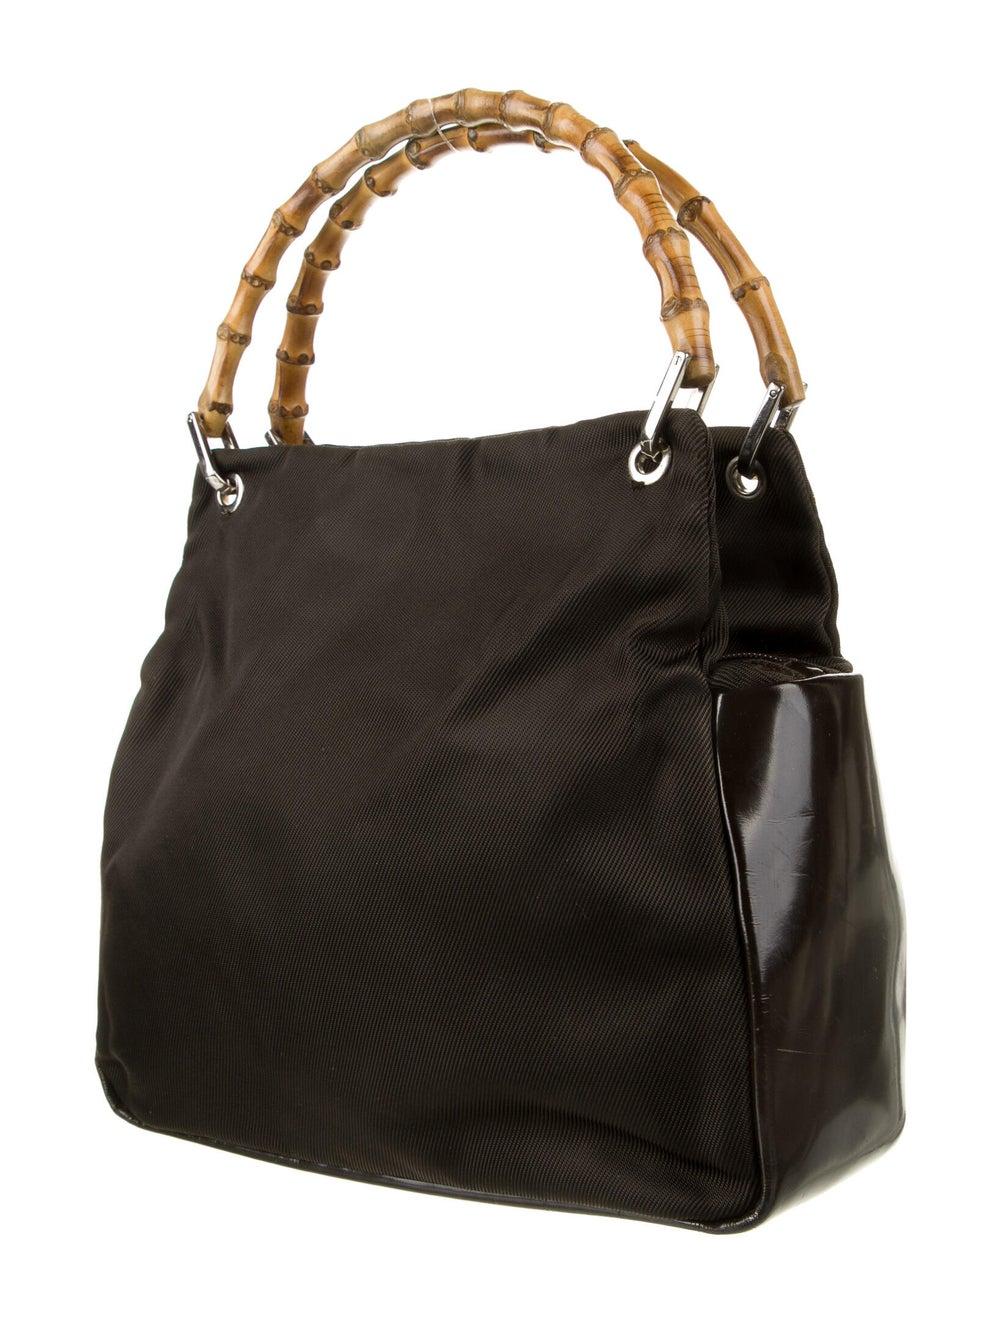 Gucci Vintage Nylon Bamboo Handle Bag Brown - image 3